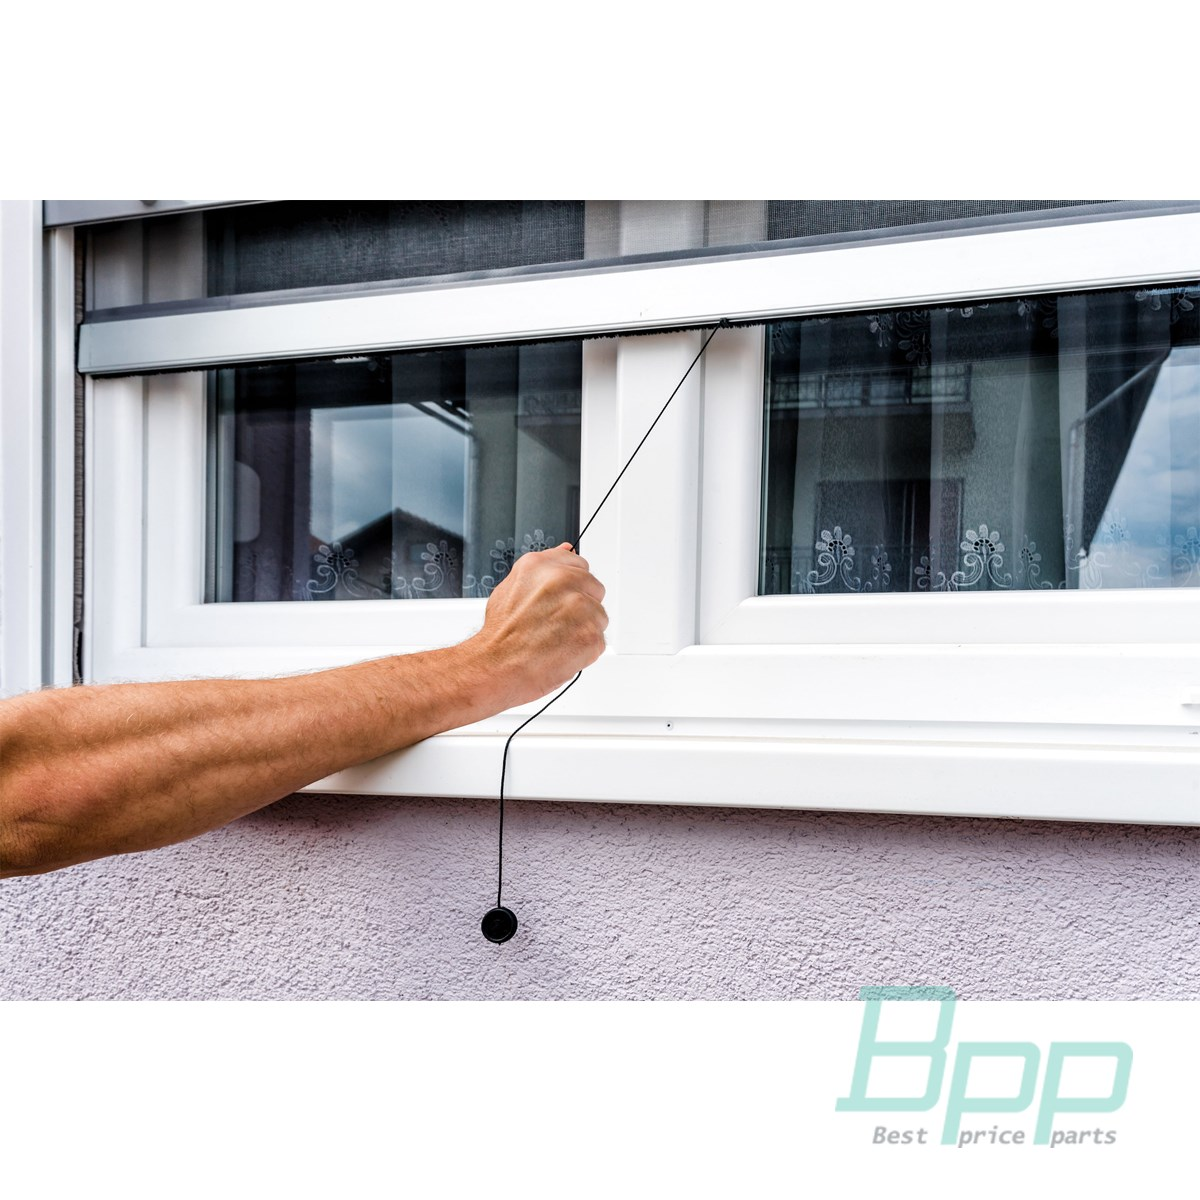 Fliegengitter Rollo Fenster : fliegengitter insektenschutzrollo rollo alurahmen fenster rollo wei 160x160cm ebay ~ A.2002-acura-tl-radio.info Haus und Dekorationen